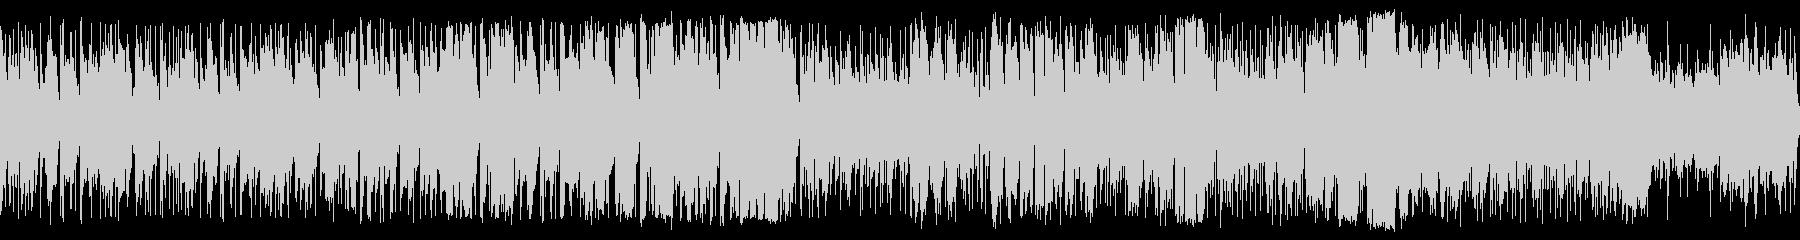 アップテンポ、笛主体の素朴なBGMループの未再生の波形